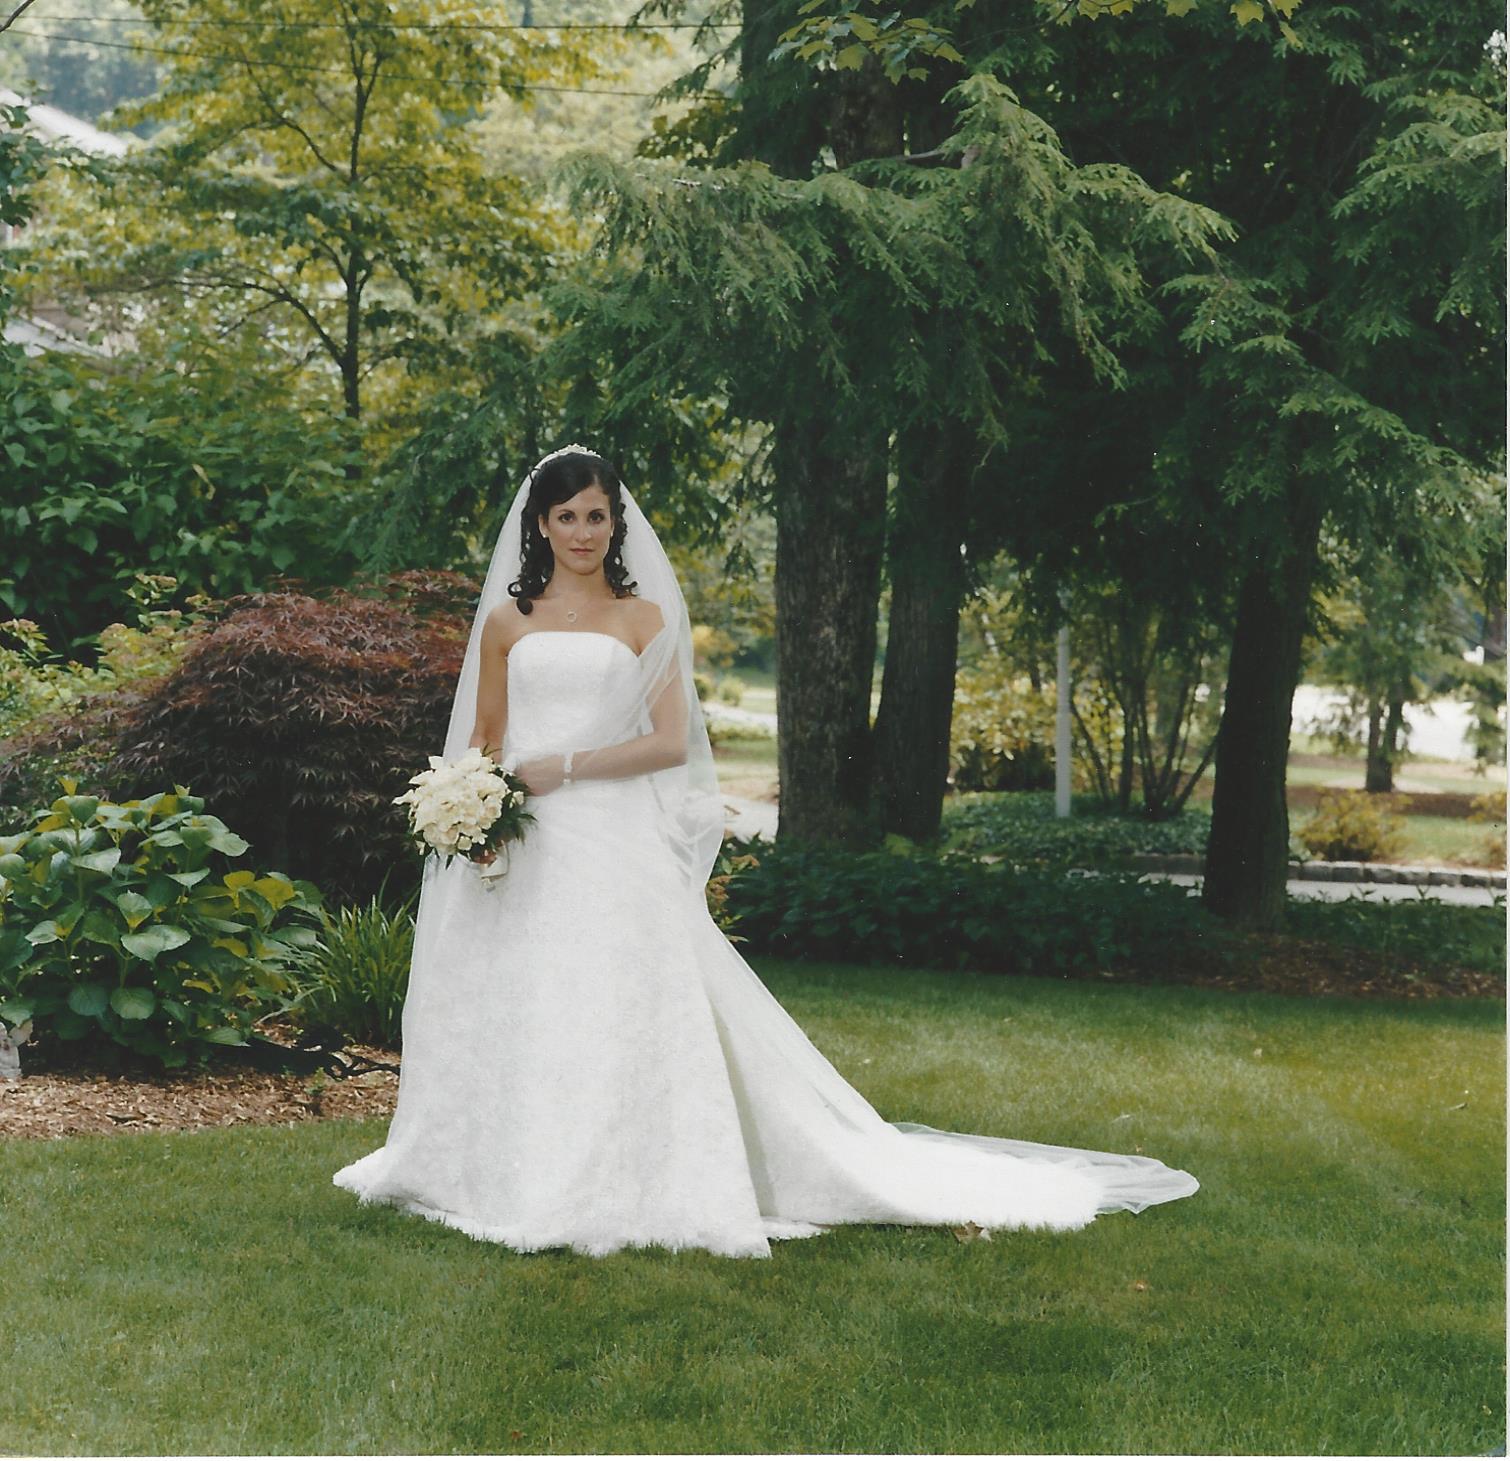 Amy Nazarko Wax Flowers 2.jpg